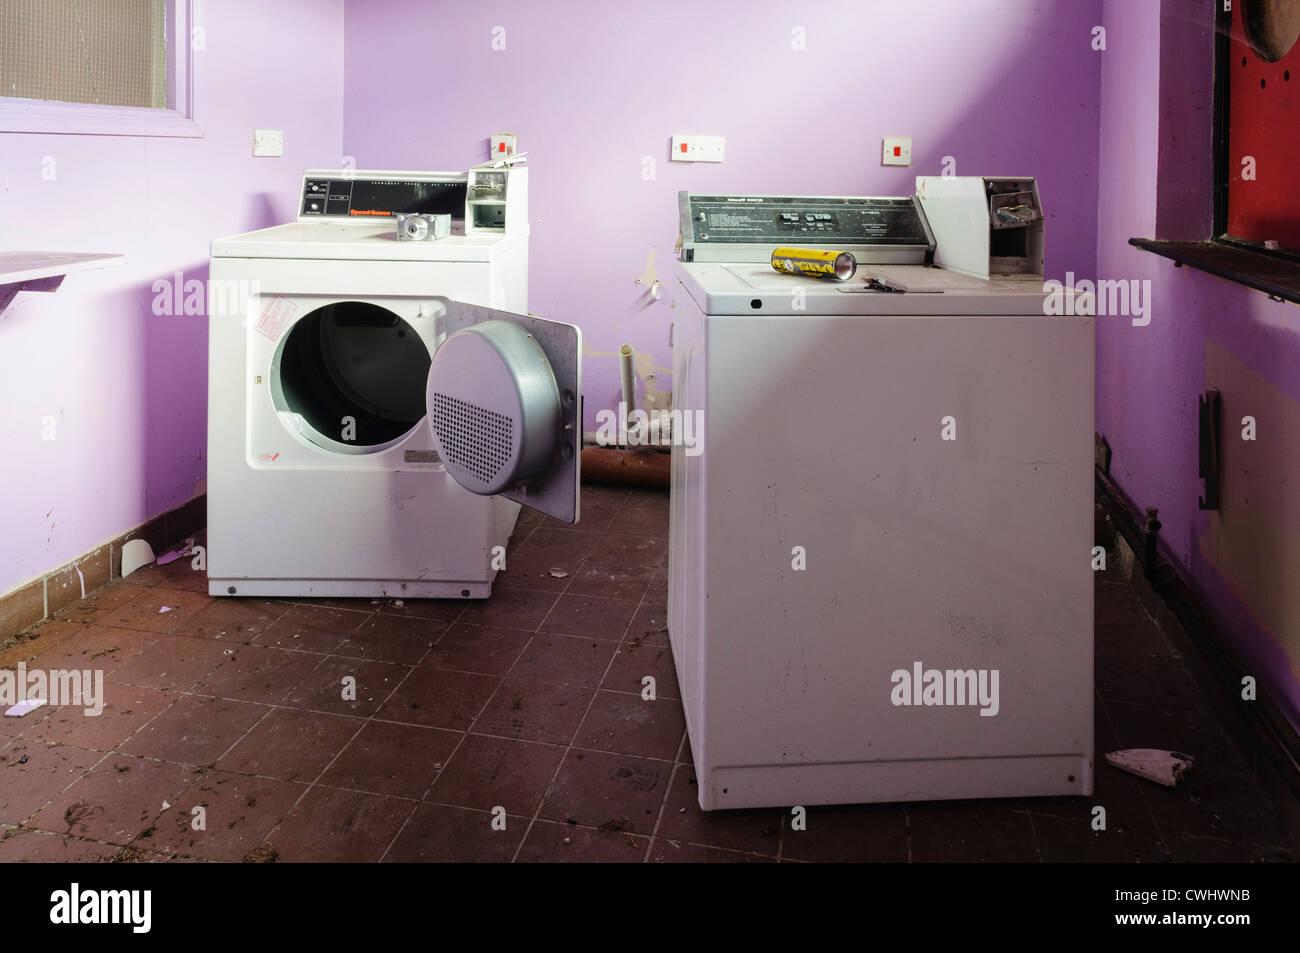 Waschmaschine und trockner in der waschküche eine verlassene b b